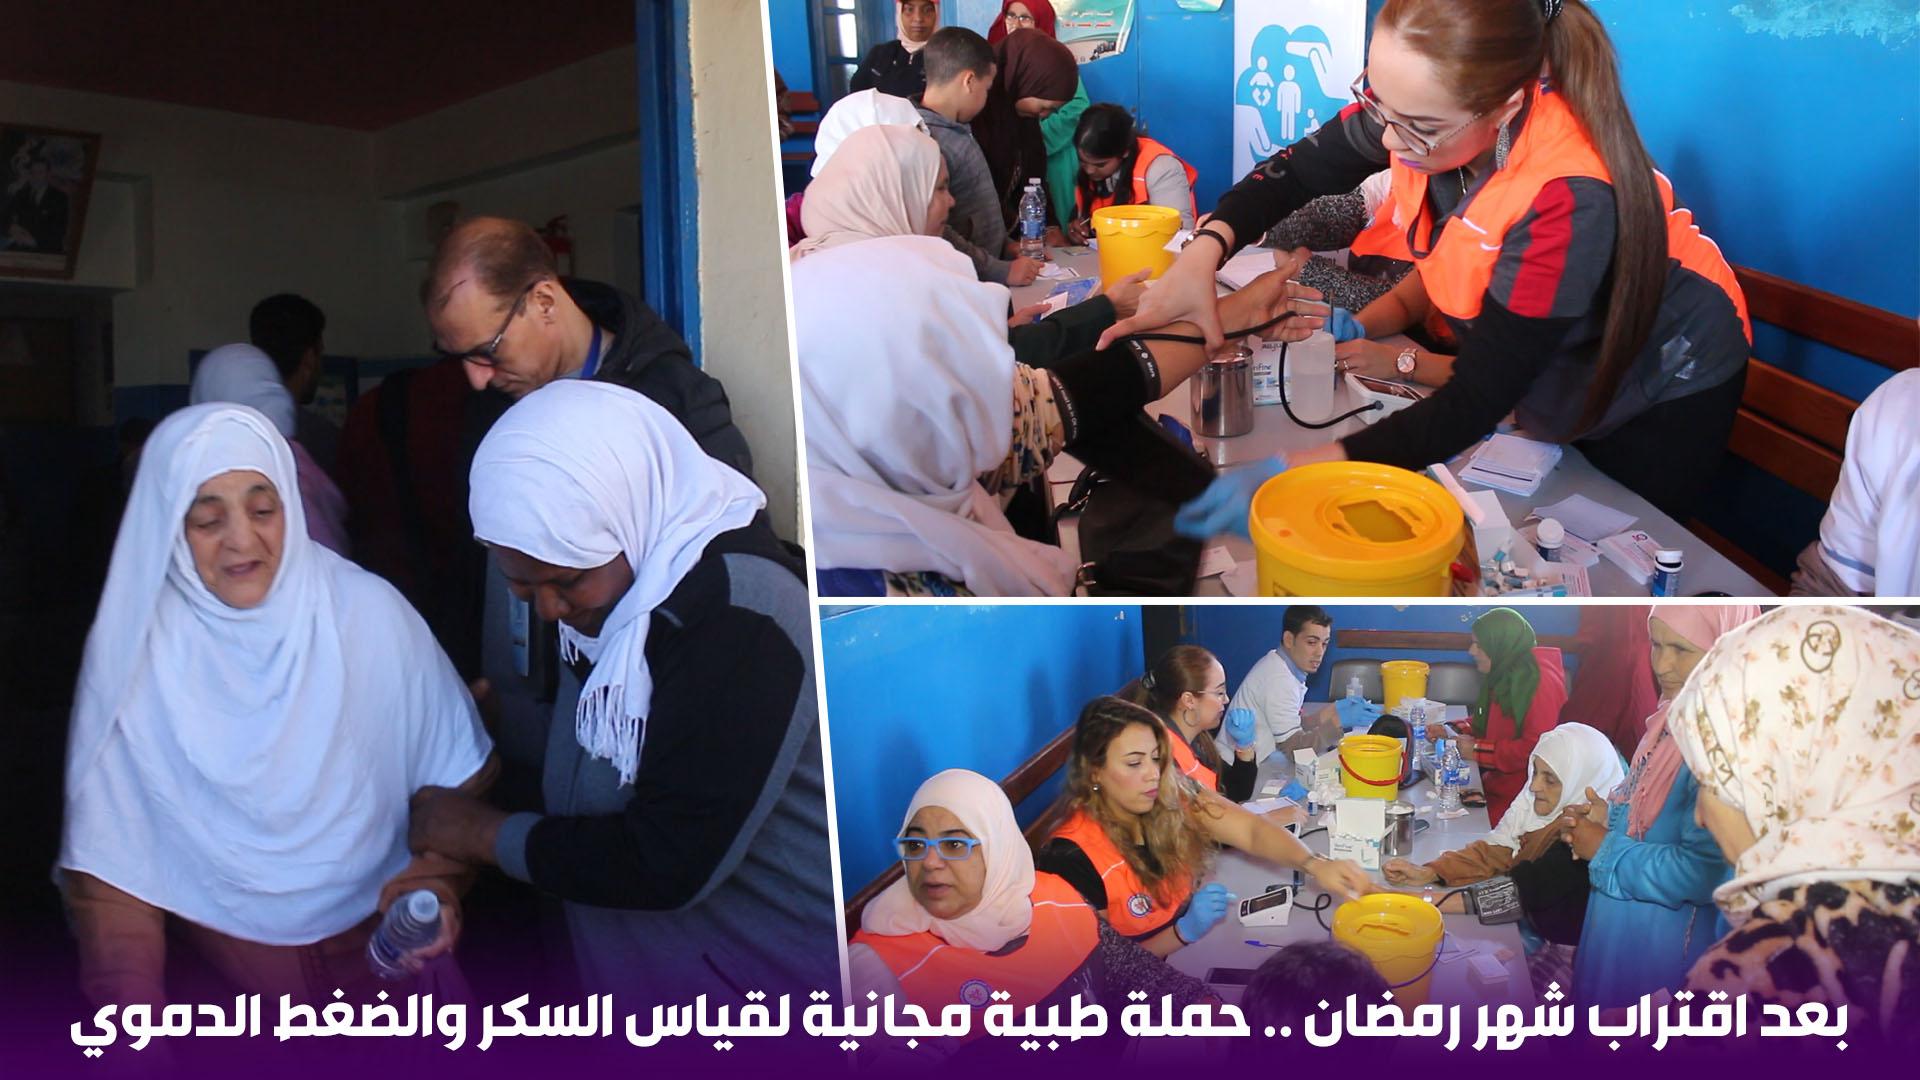 بمناسبة اقتراب رمضان .. حملة طبية مجانية لقياس السكر والضغط الدموي لفائدة النساء